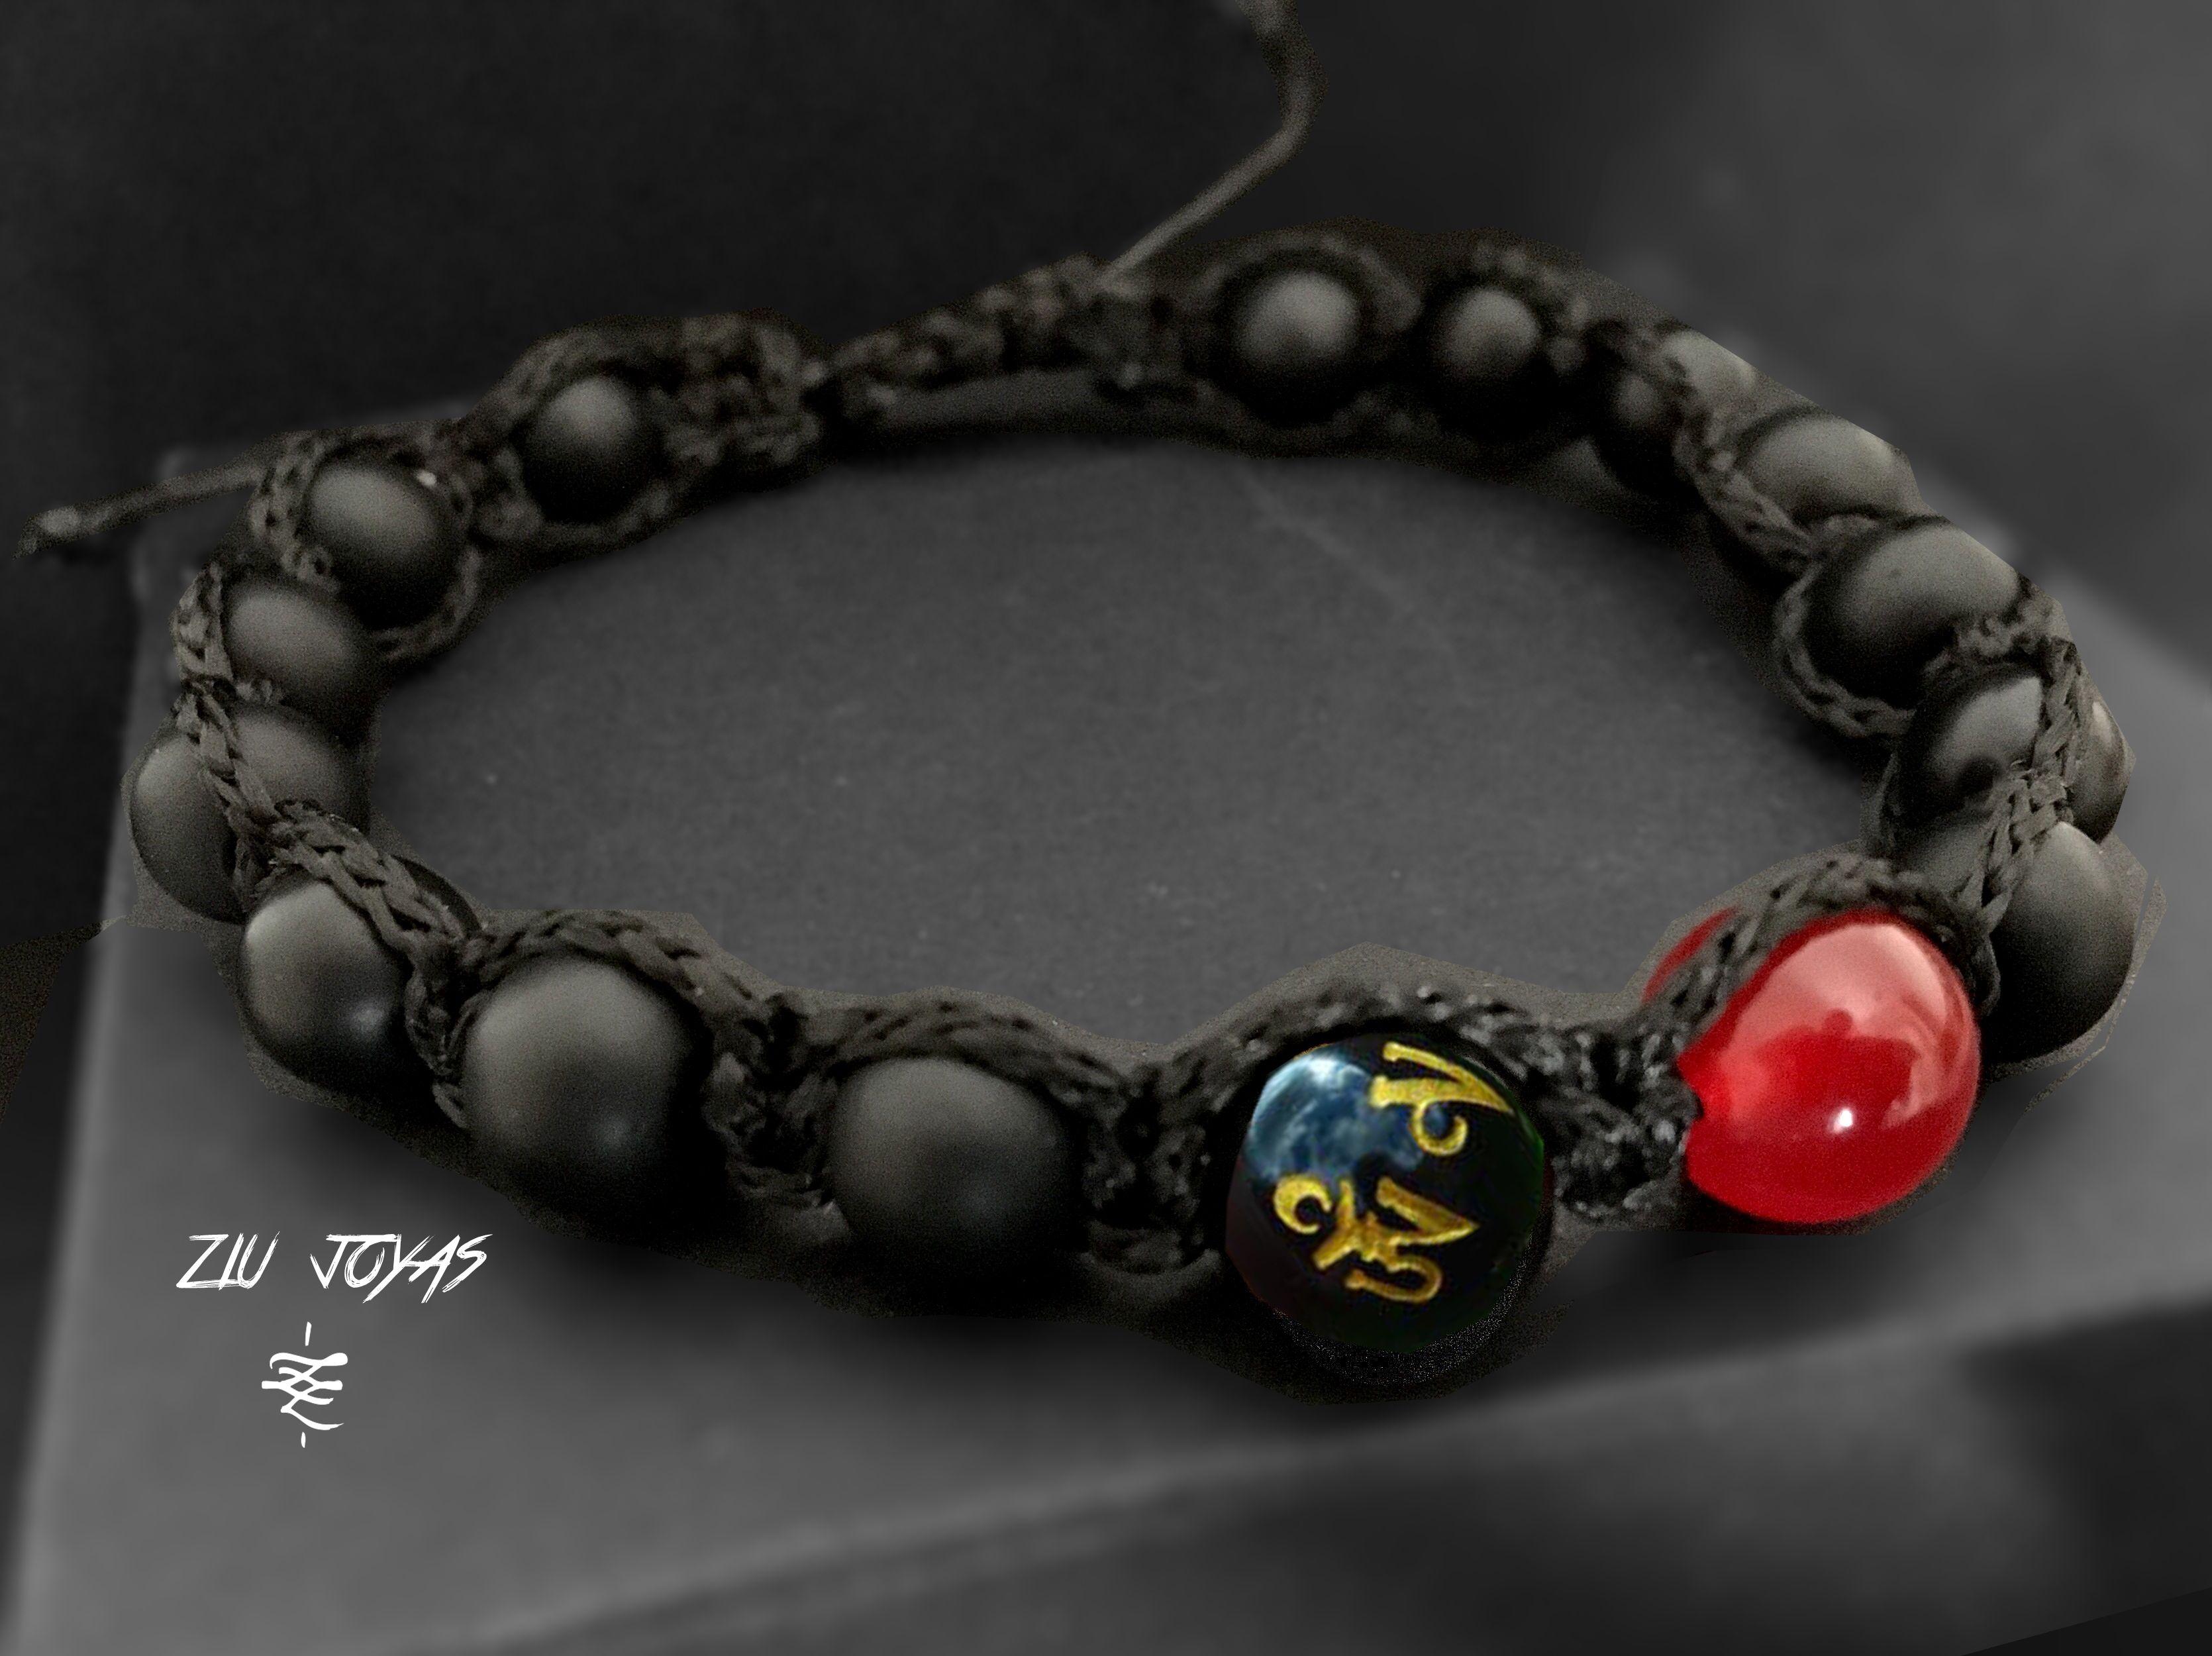 Natural Stones Handmade Beaded Bracelets Black Onyx Jasper